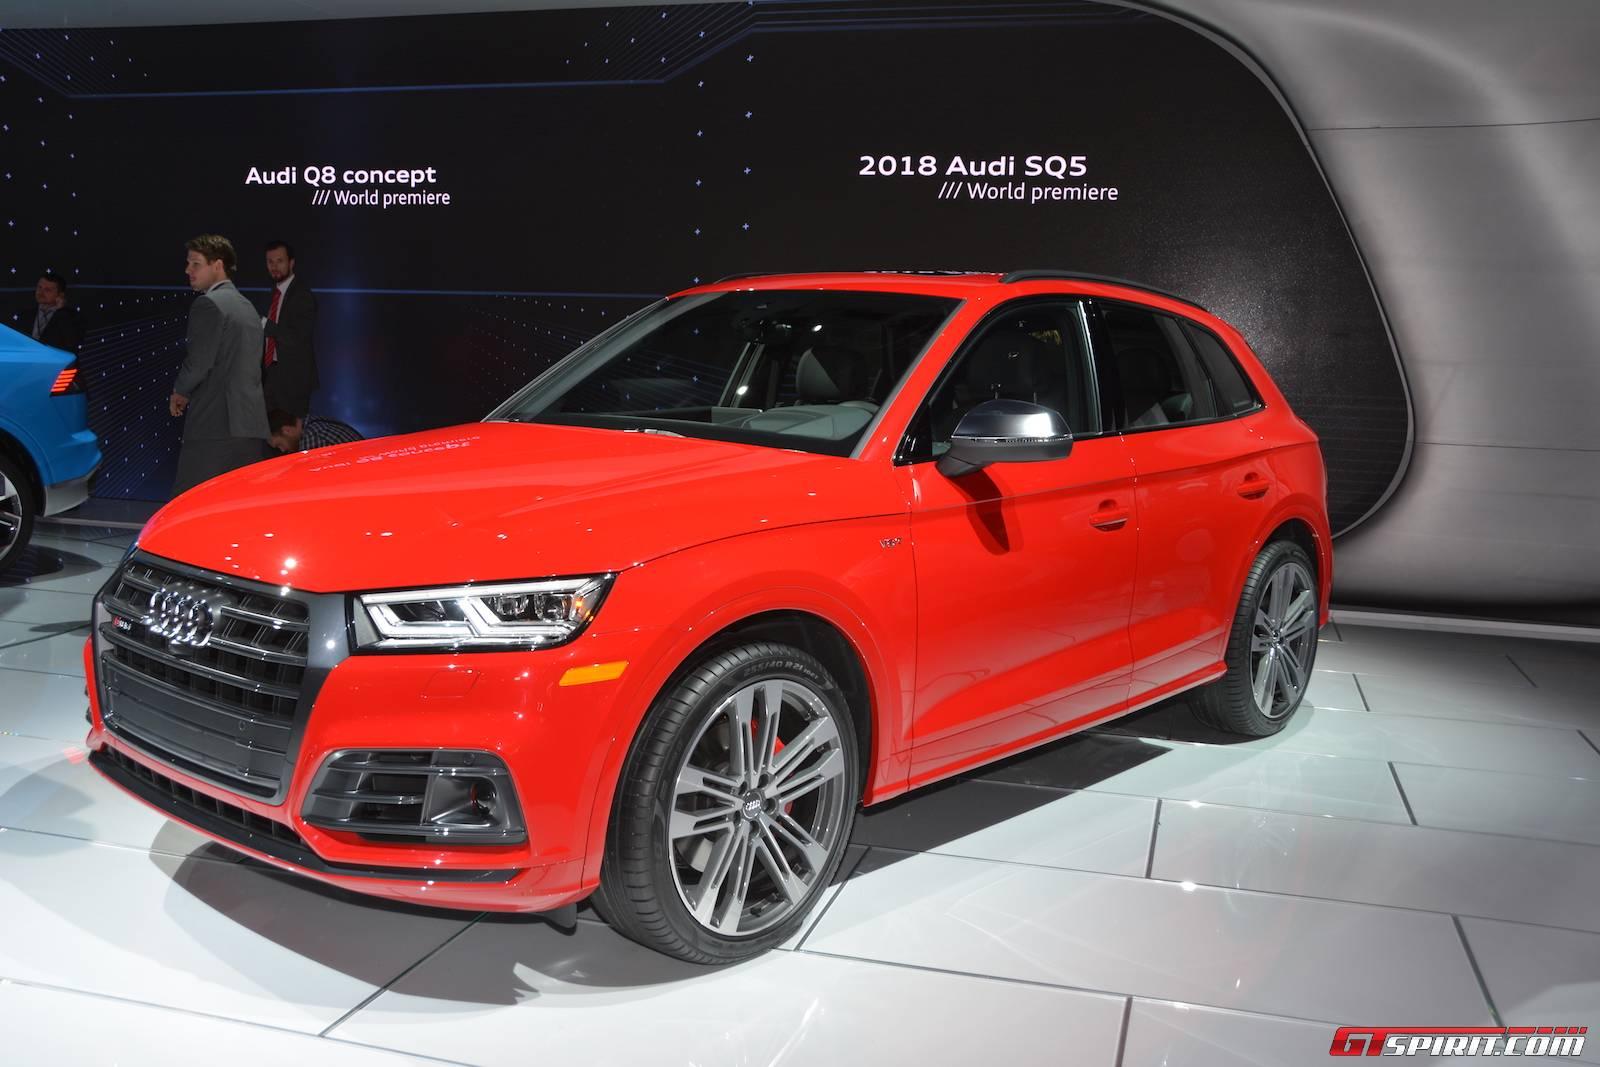 Detroit Audi SQ GTspirit - Audi detroit